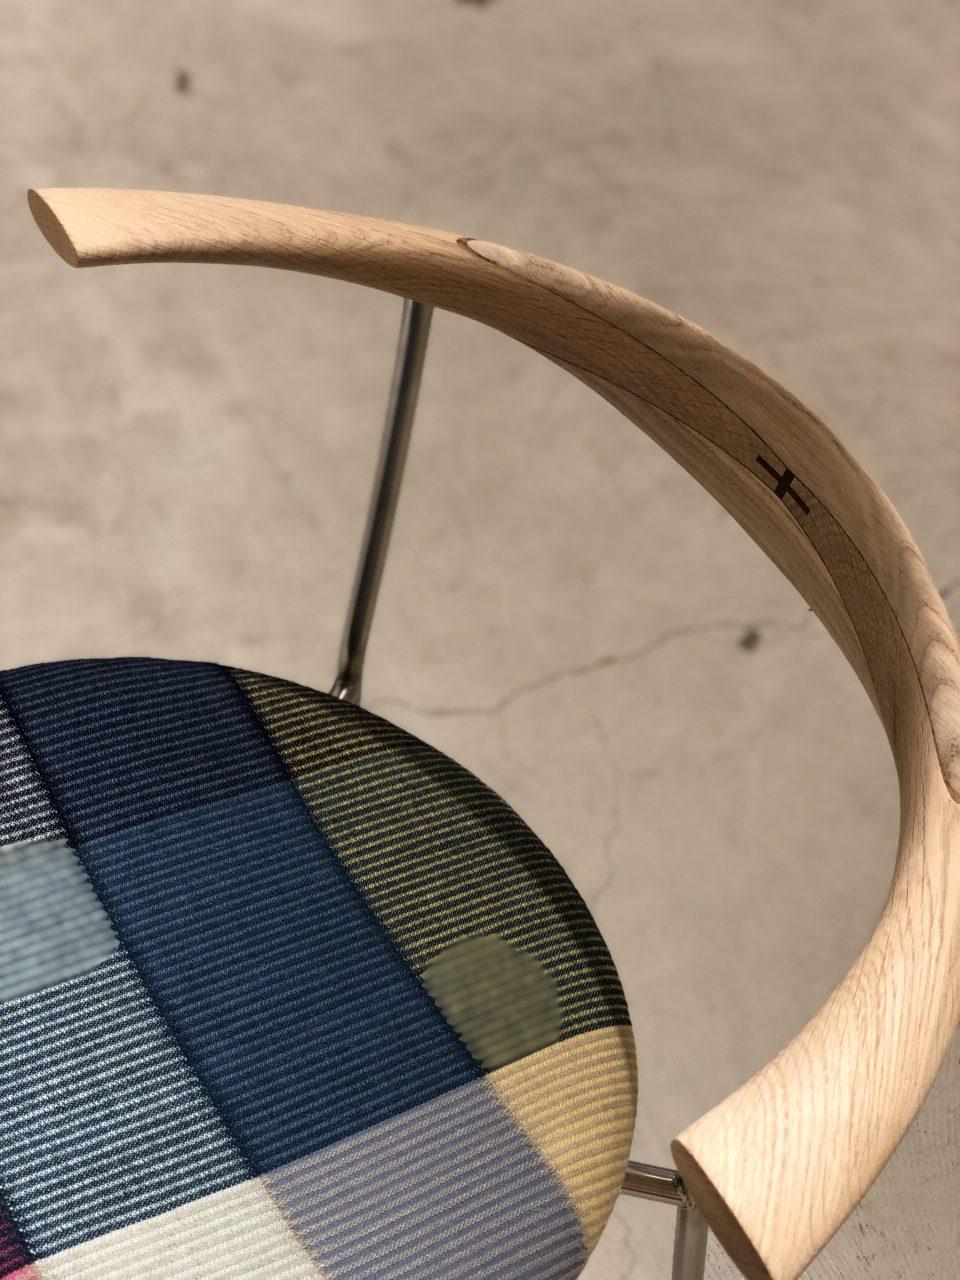 ハンナデーベル特別仕様のオーク材ソープ仕上げのPP701チェア